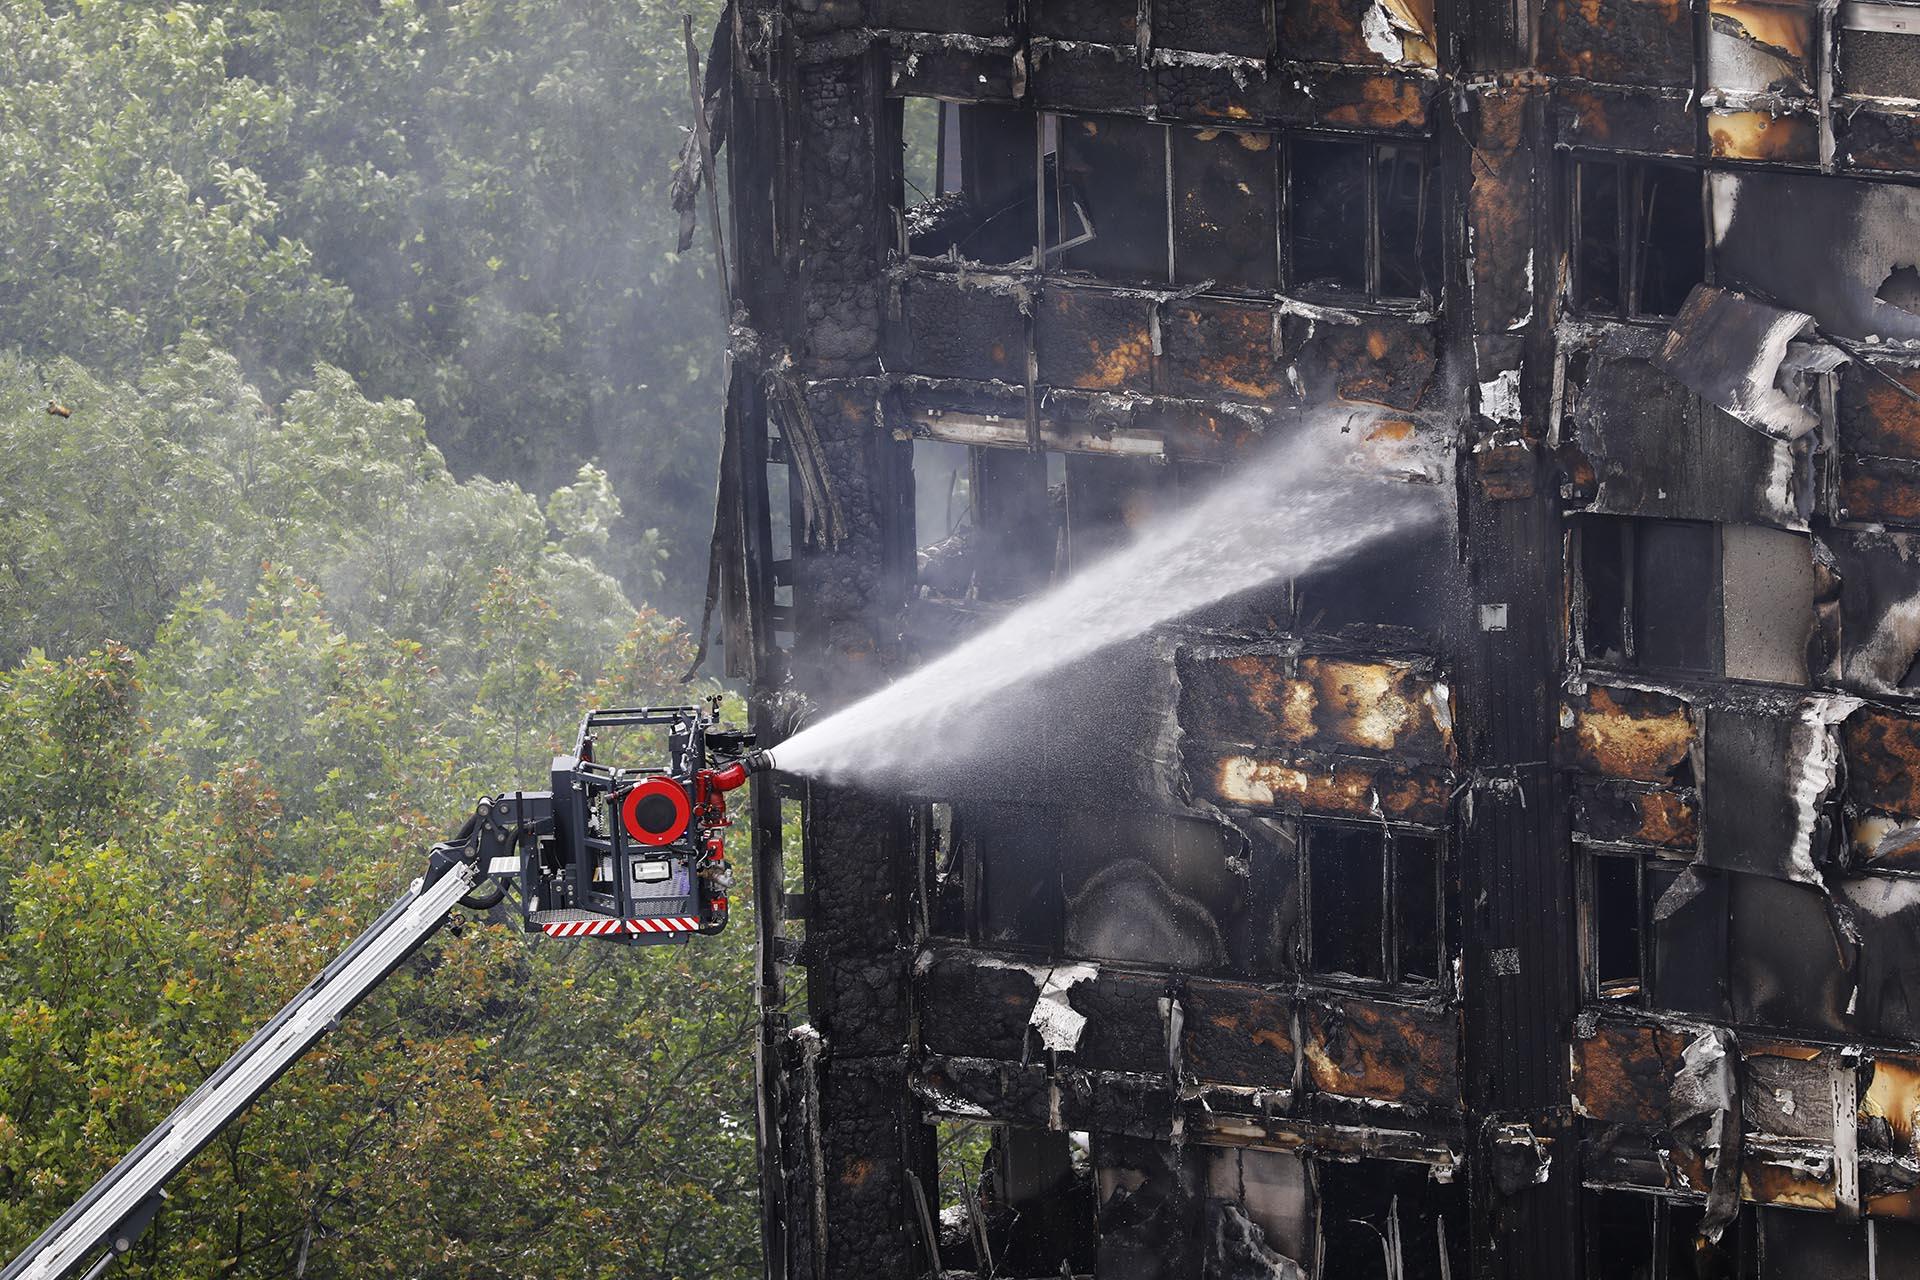 Una manguera automatizada rocía el agua sobre la incendiada torre Grenfell en Londres